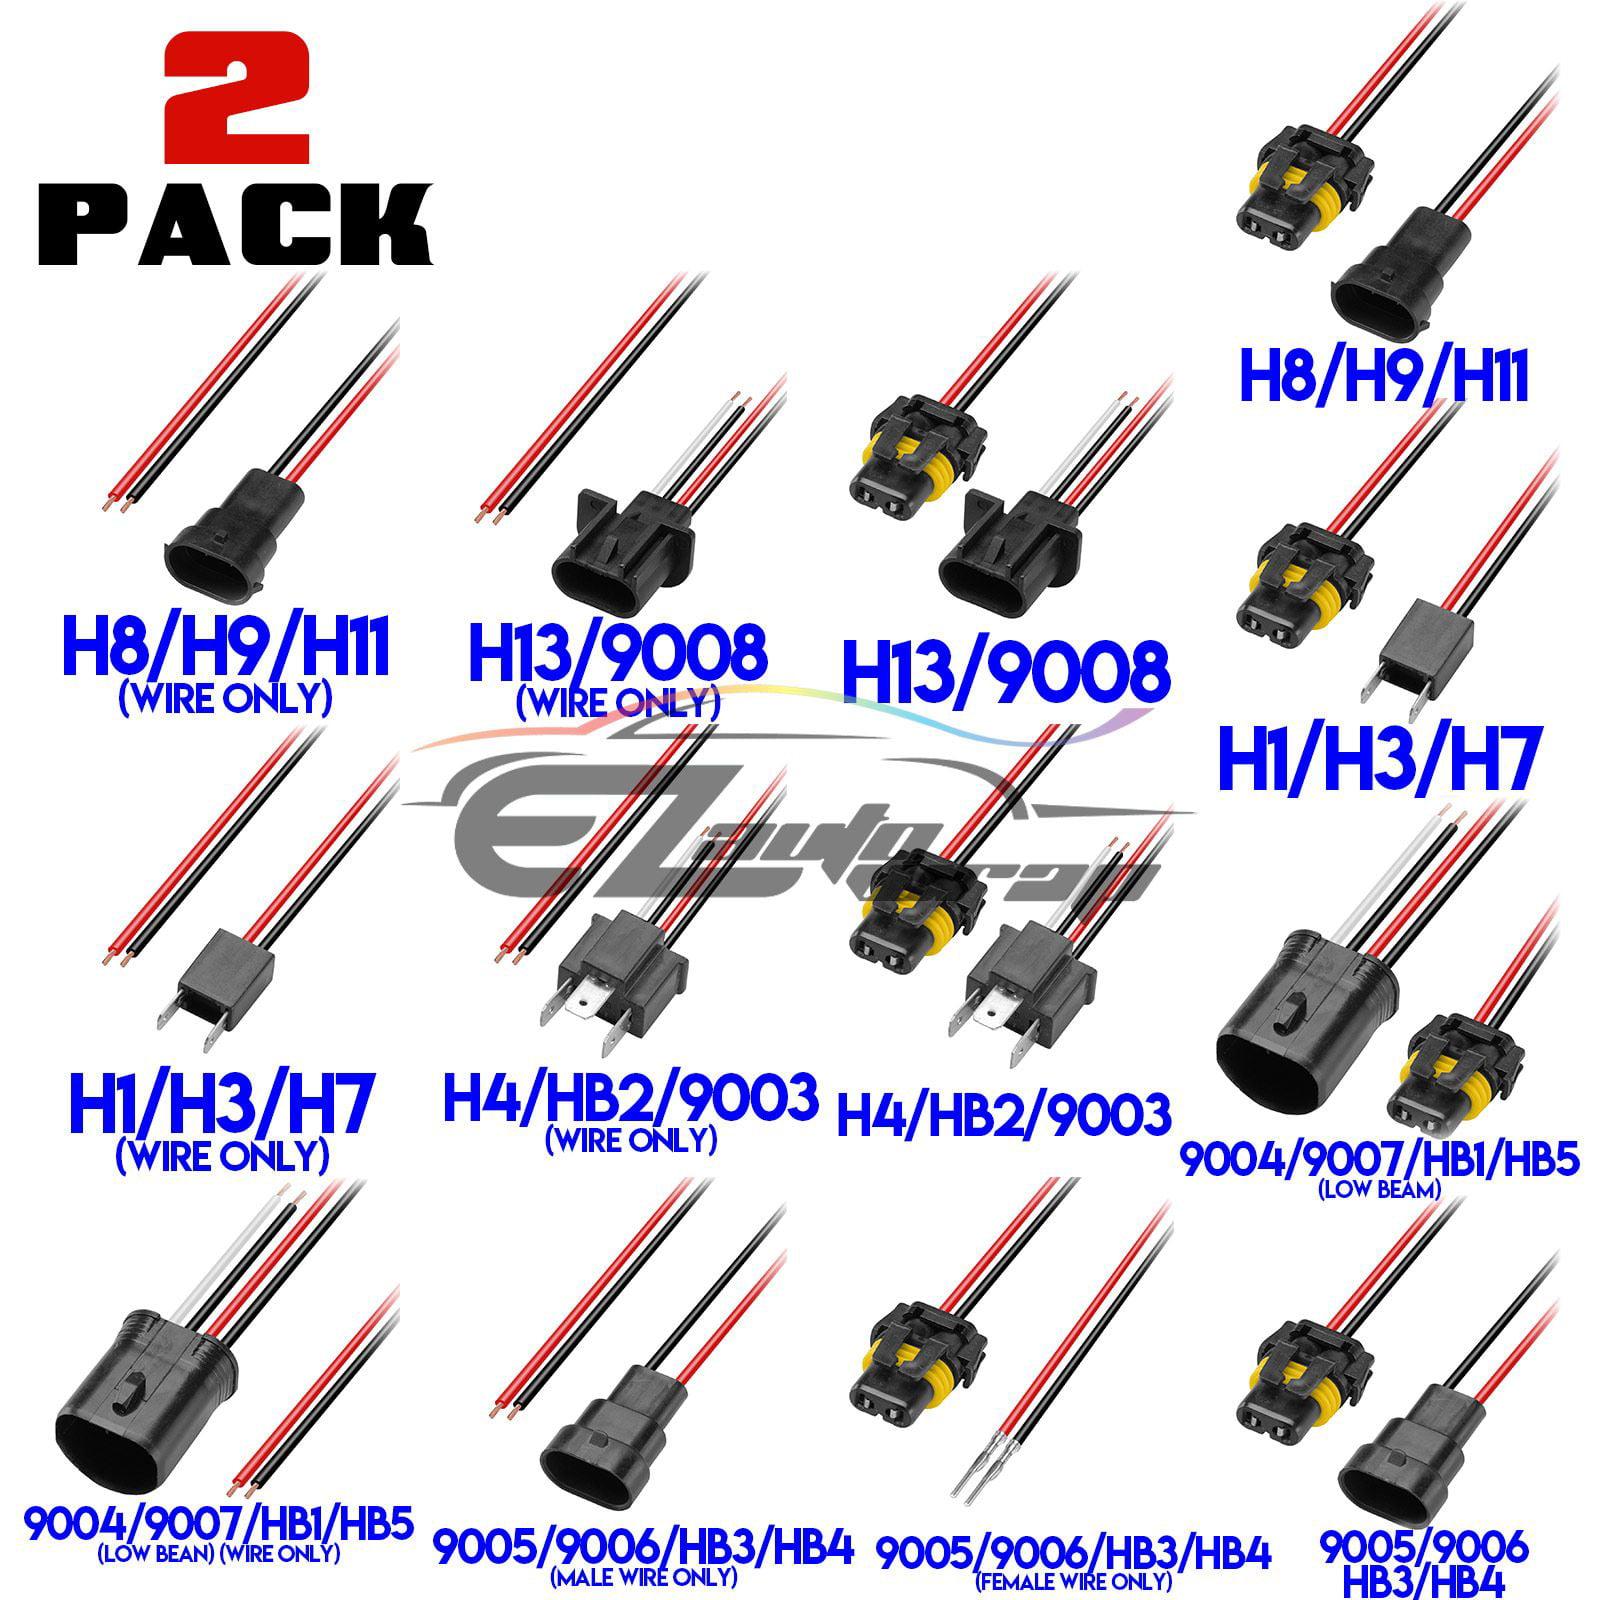 2pcs Air Pump Extension Cord Premium Extension Cable for Car